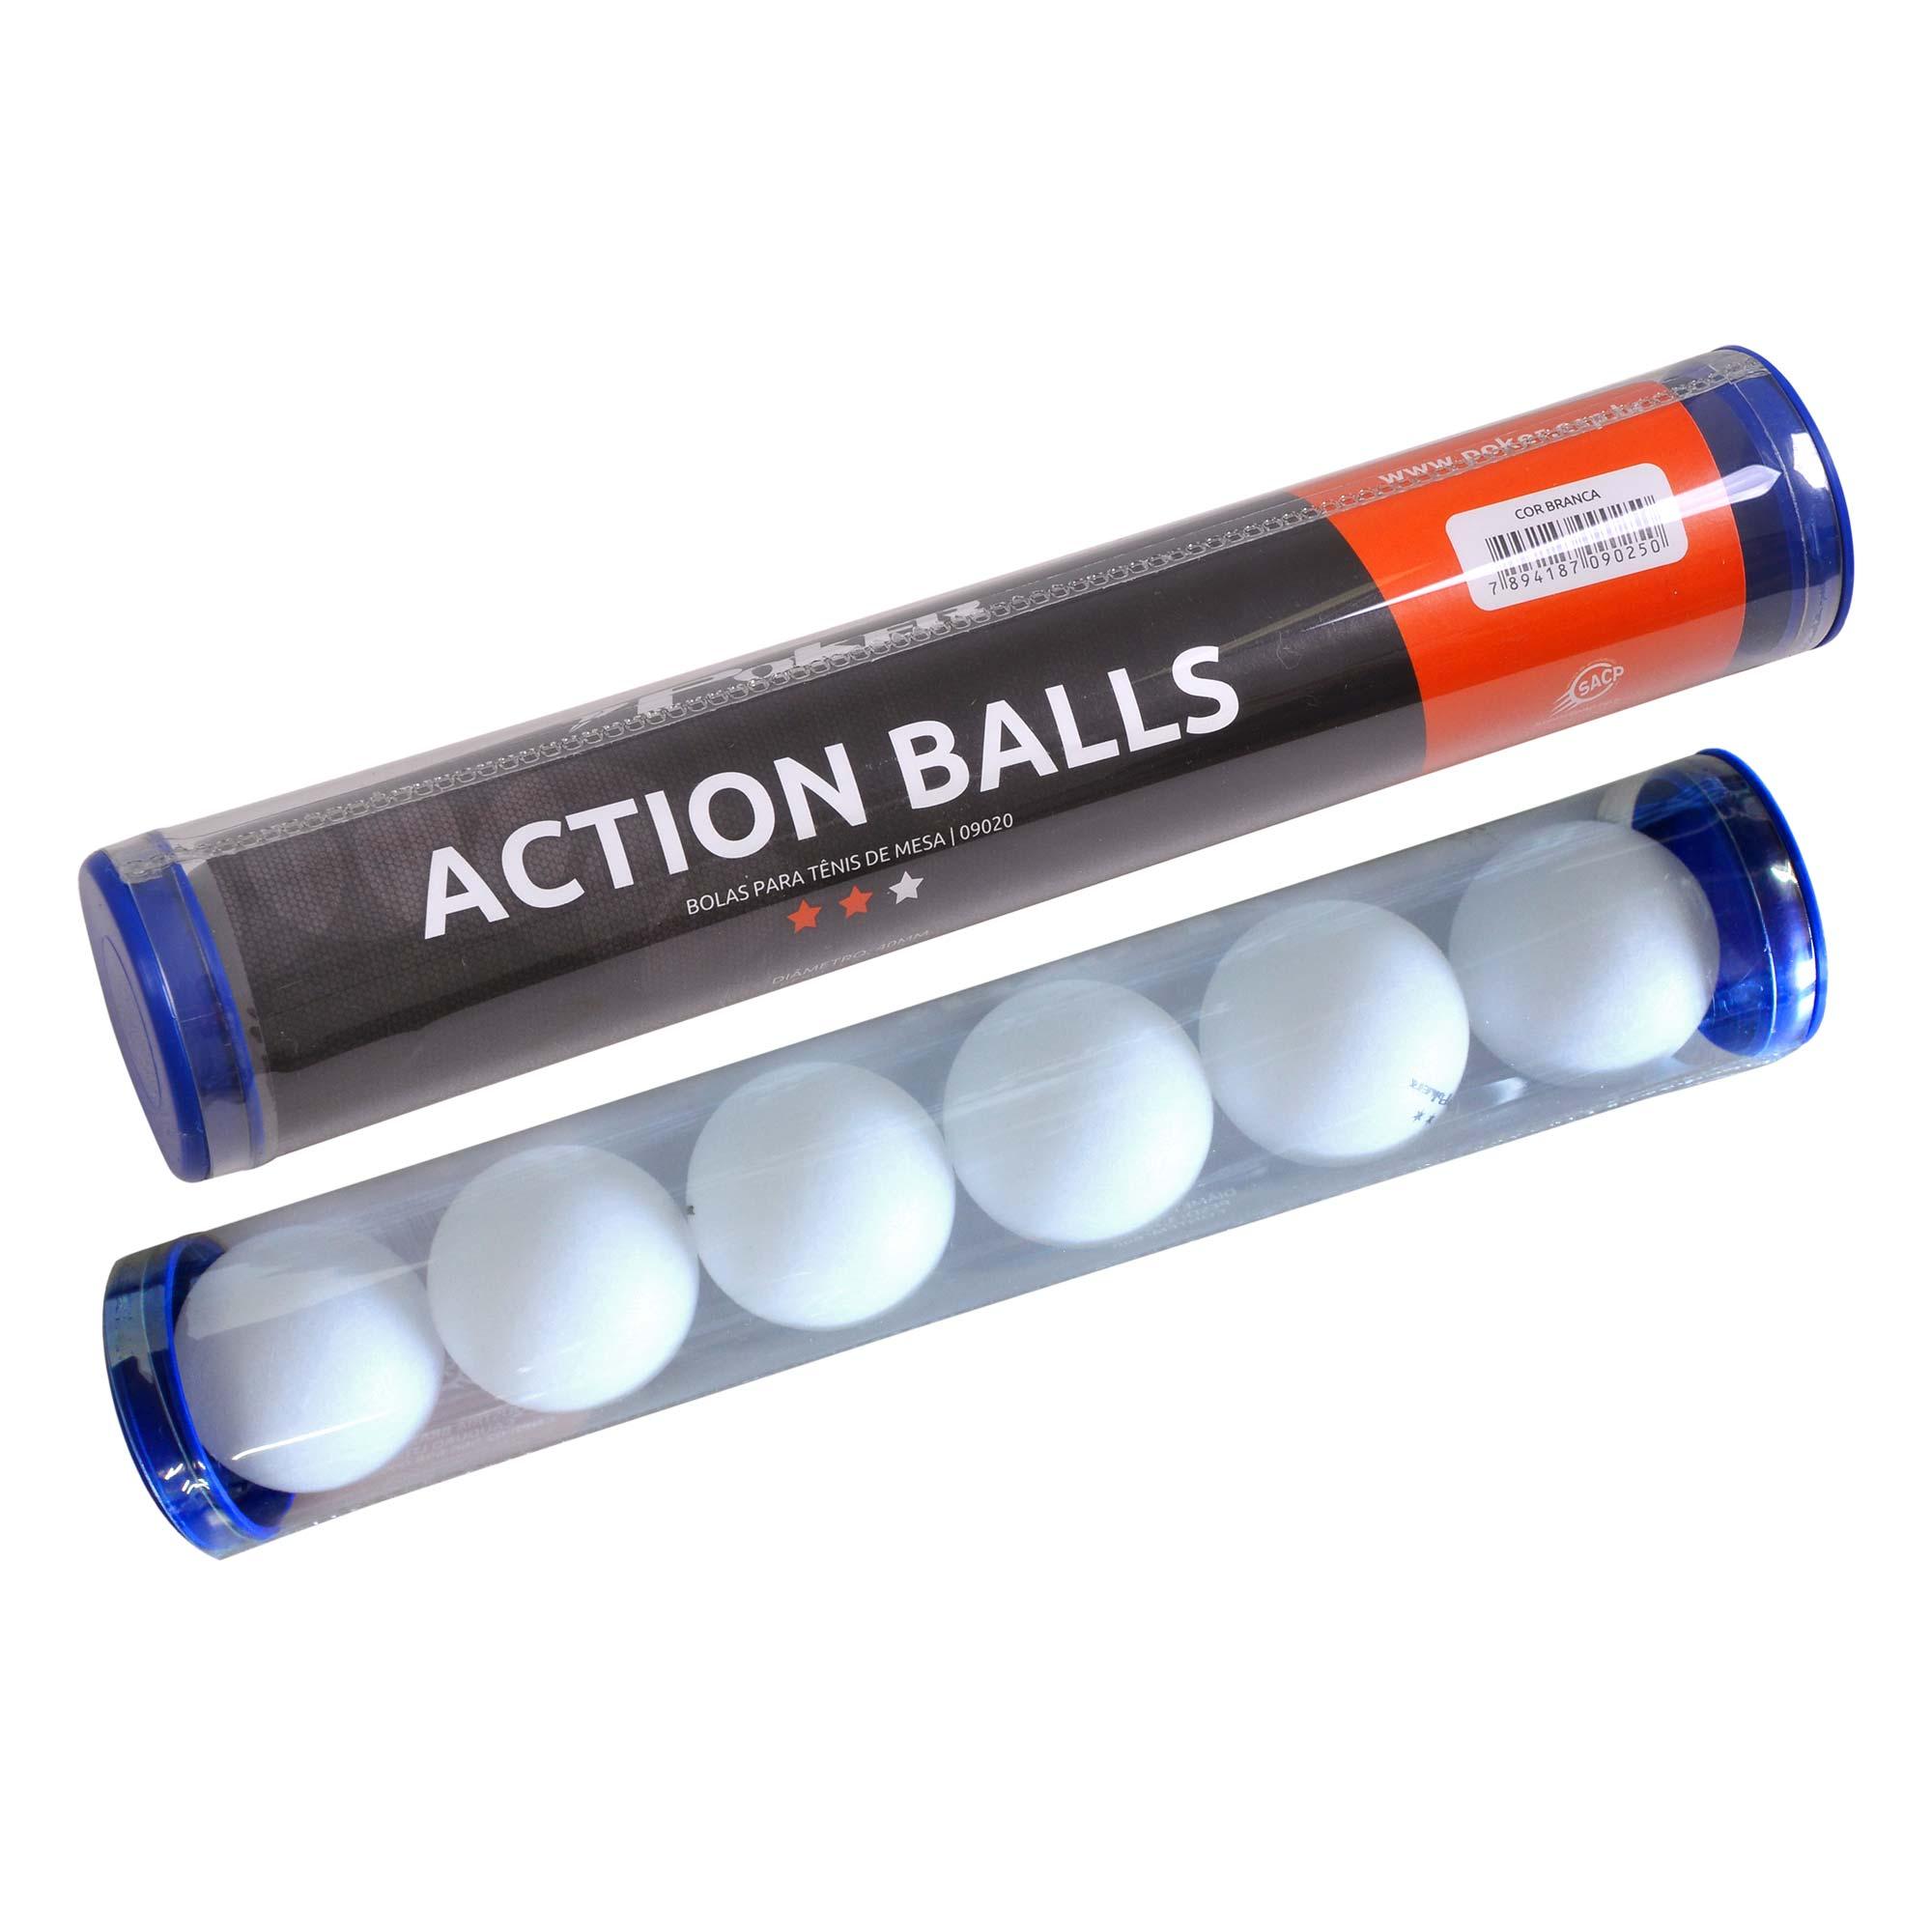 Bolas Para Tênis de Mesa Action Balls 40mm 09020